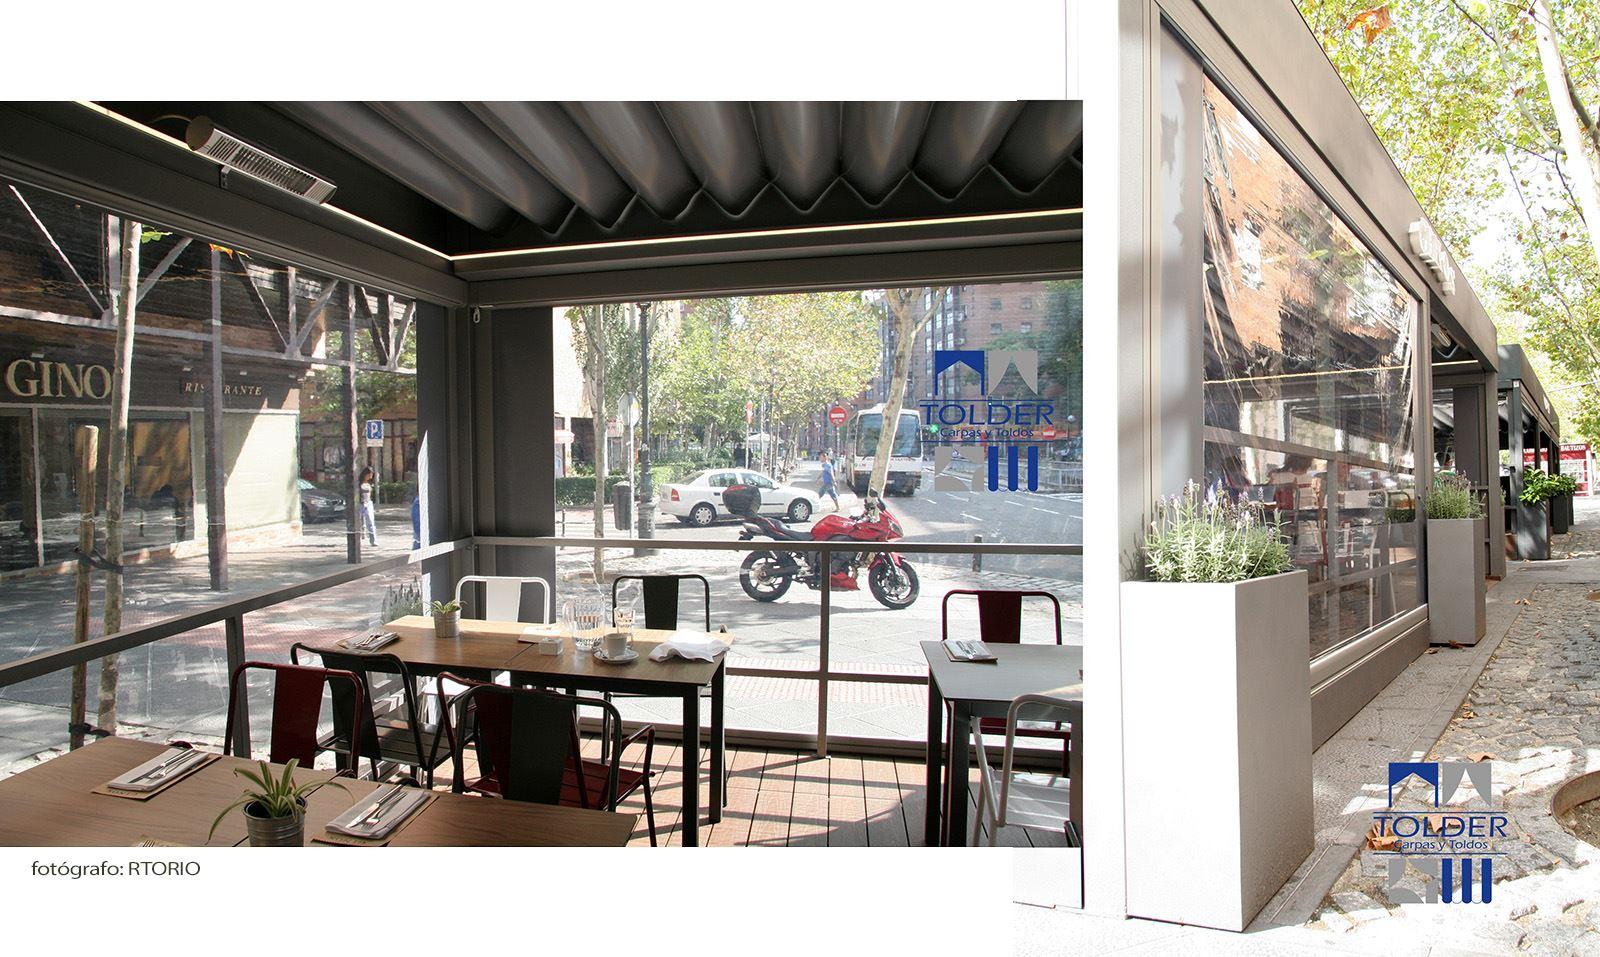 Pérgola restaurante VIPS y GINOS Rivera de Curidores, Rastro de Madrid, detalle interior.